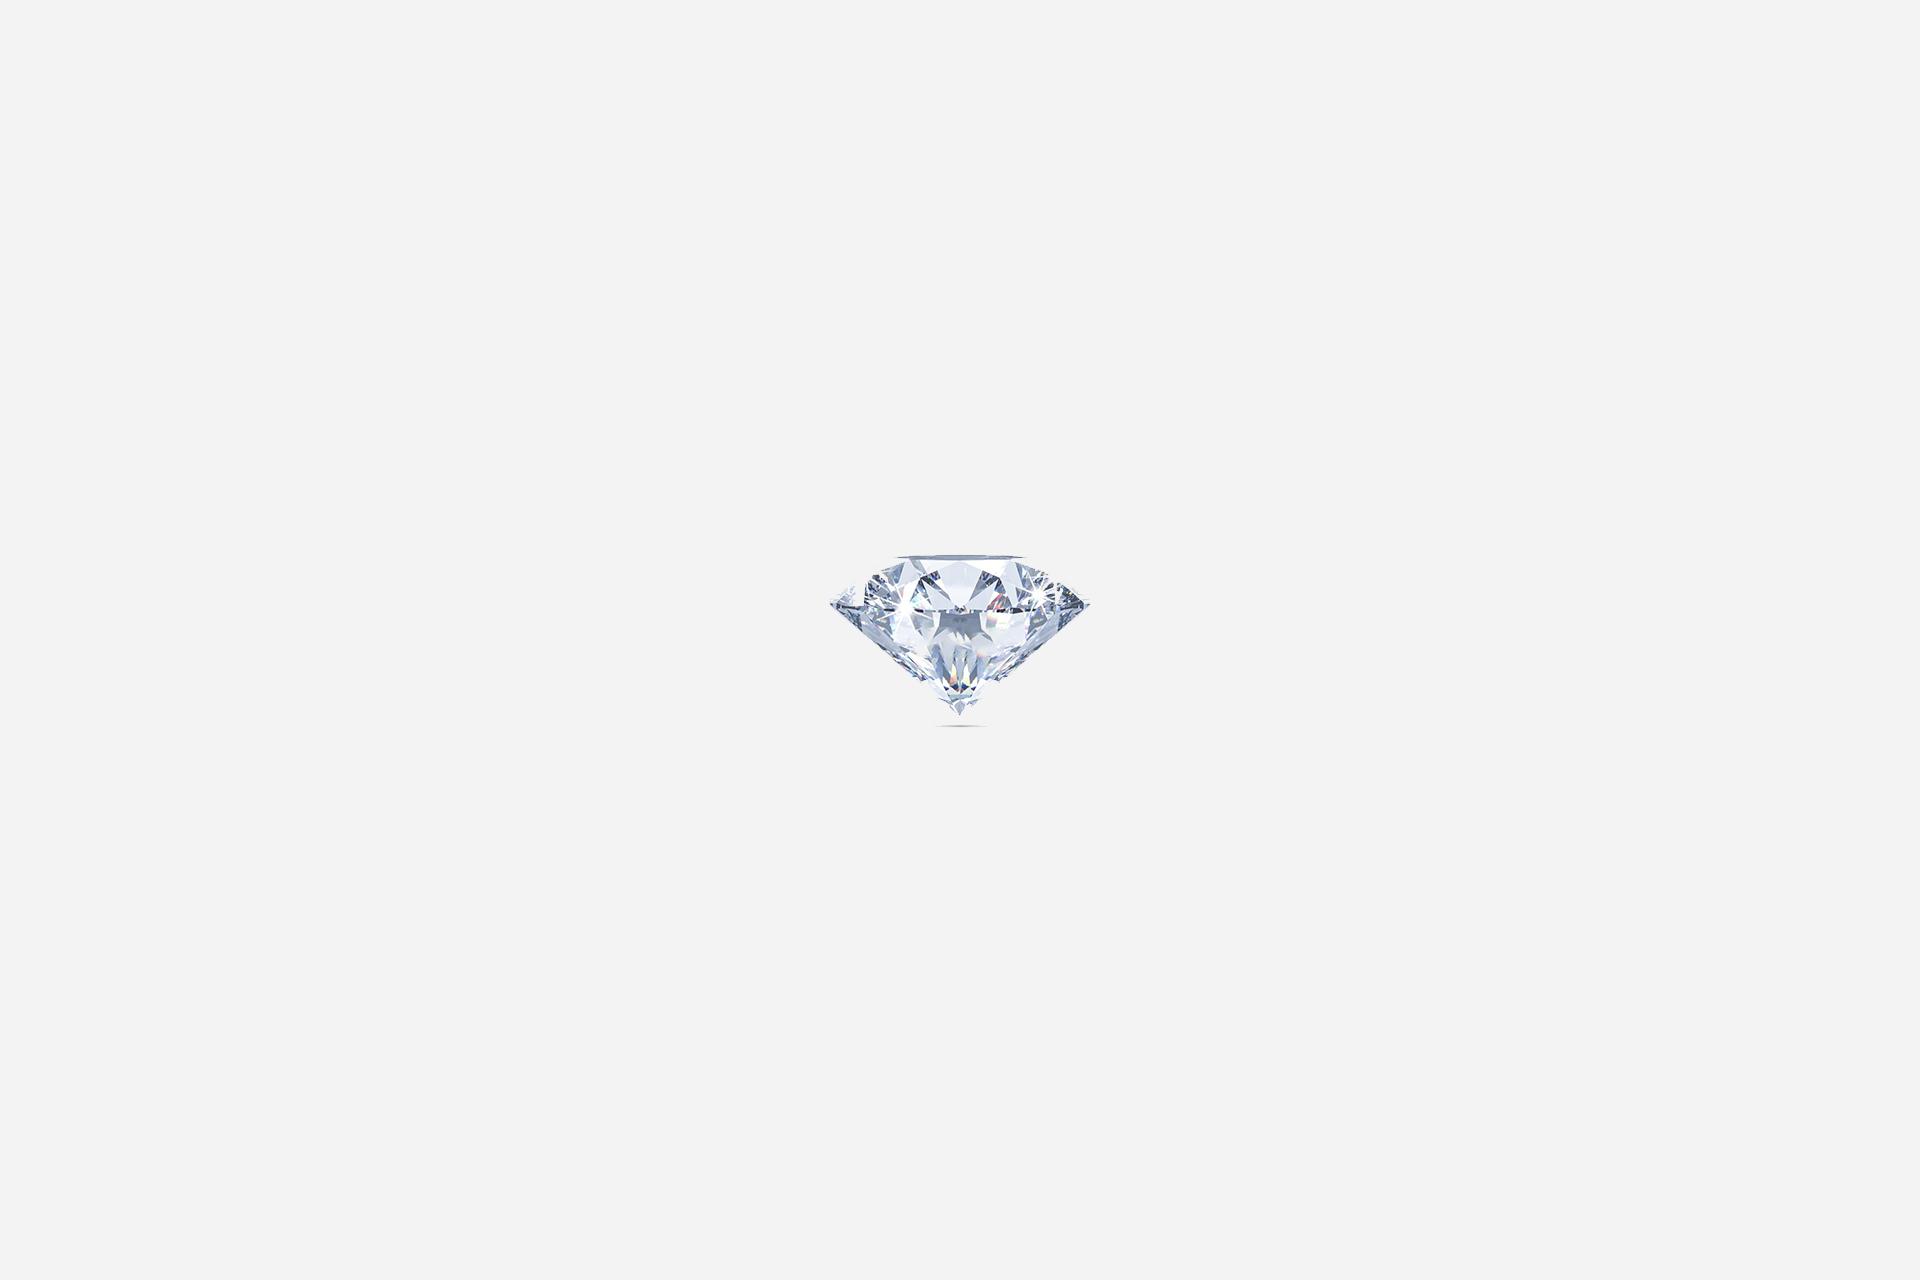 چطور میتوان بدون شانس پولدار شد, الماس